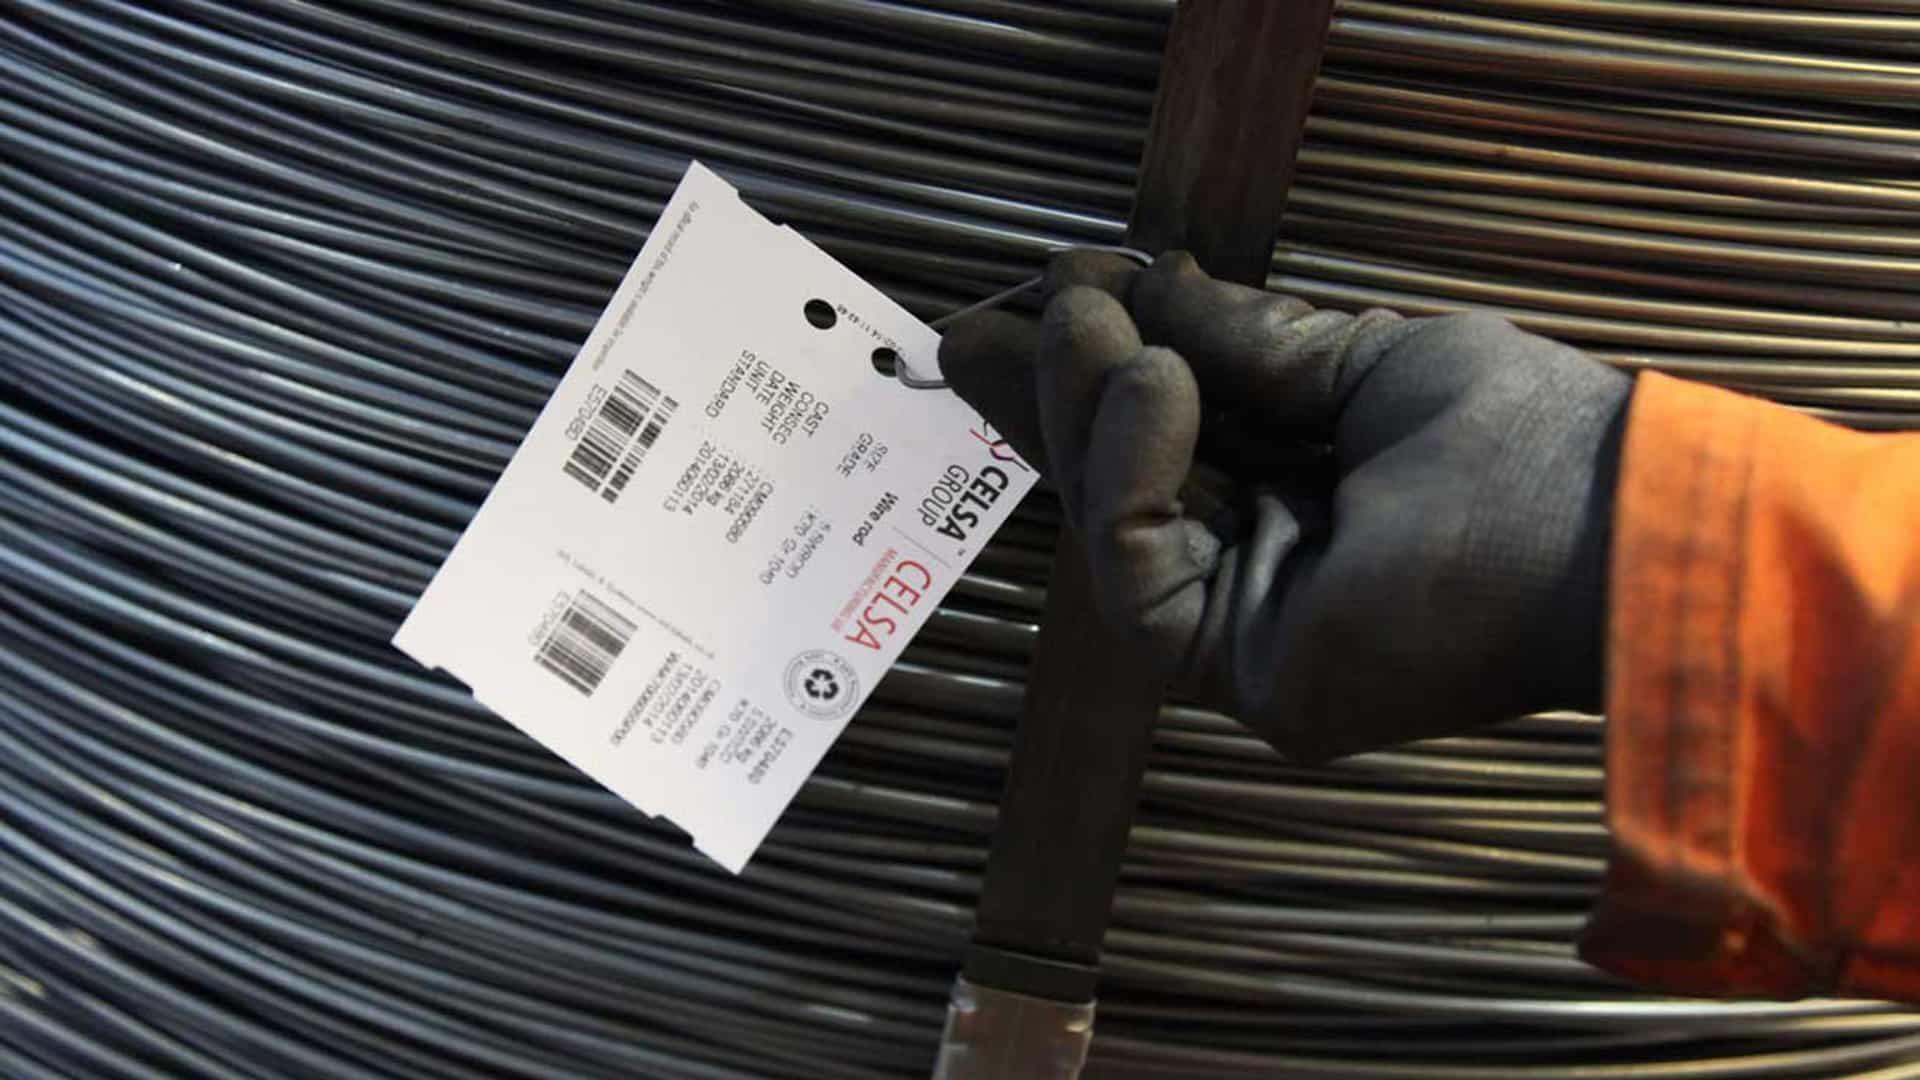 Hängetiketter fästs på produkterna med tråd clips eller spik